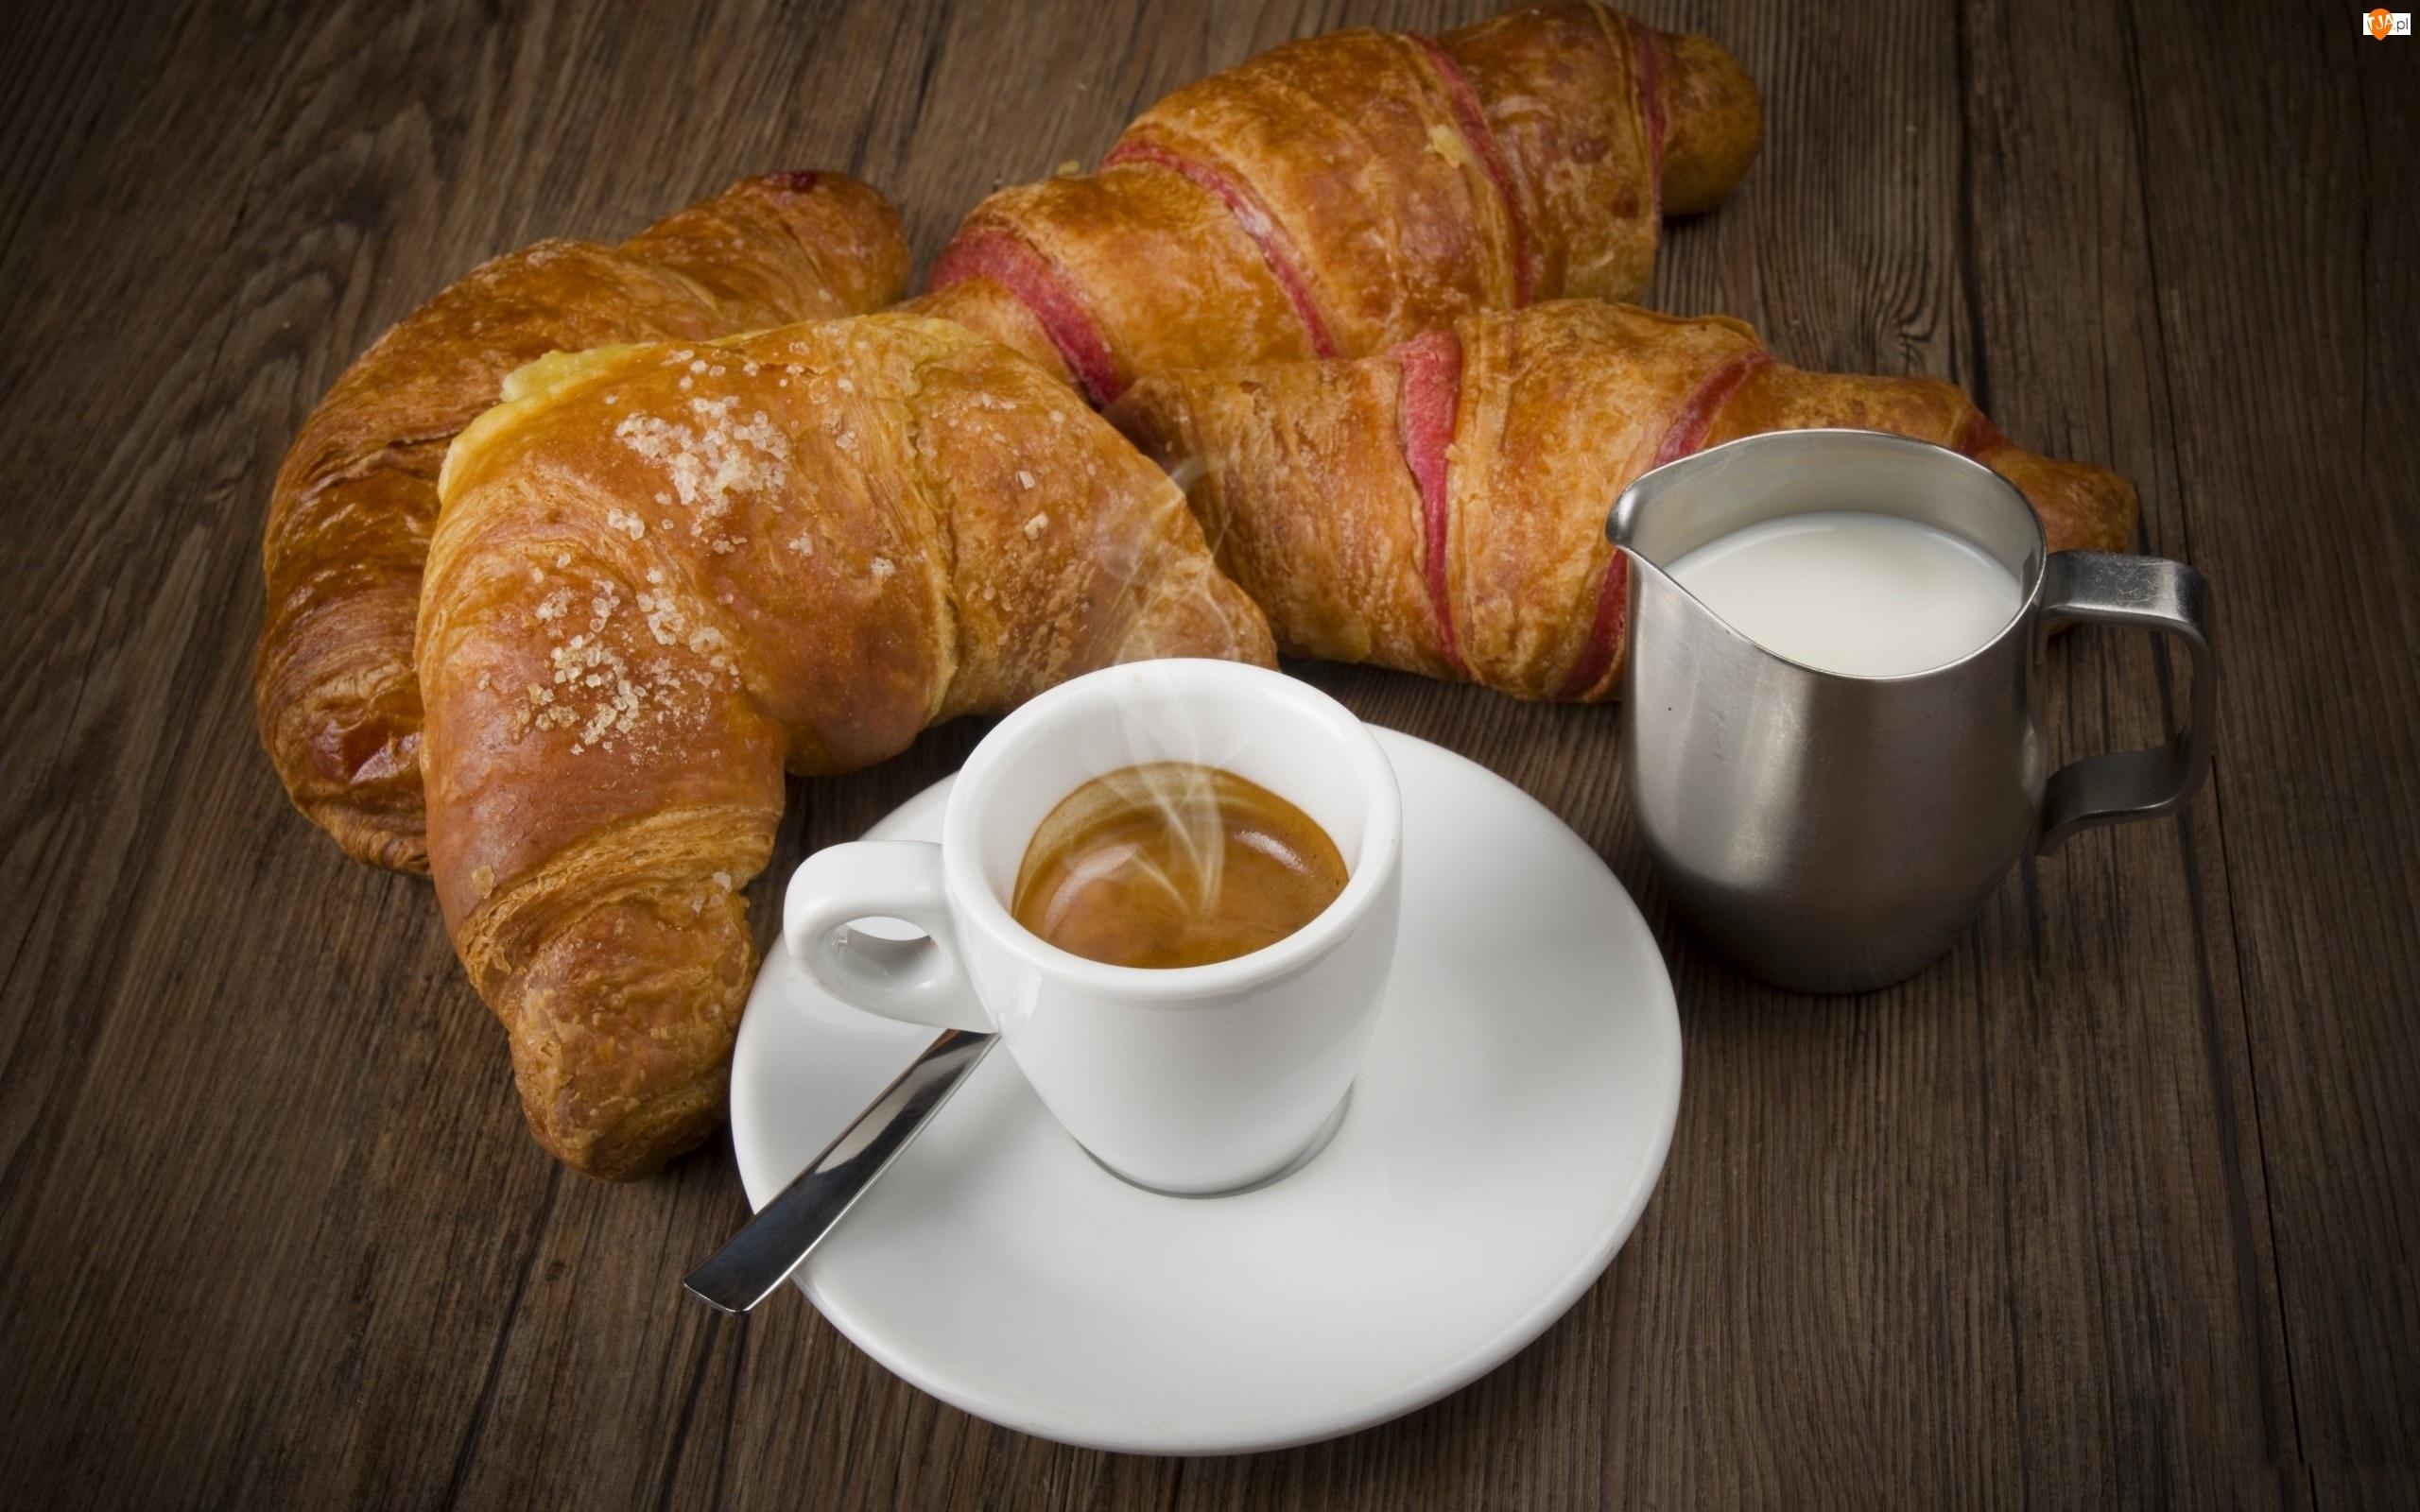 Sniadanie, Rogaliki, Kawa